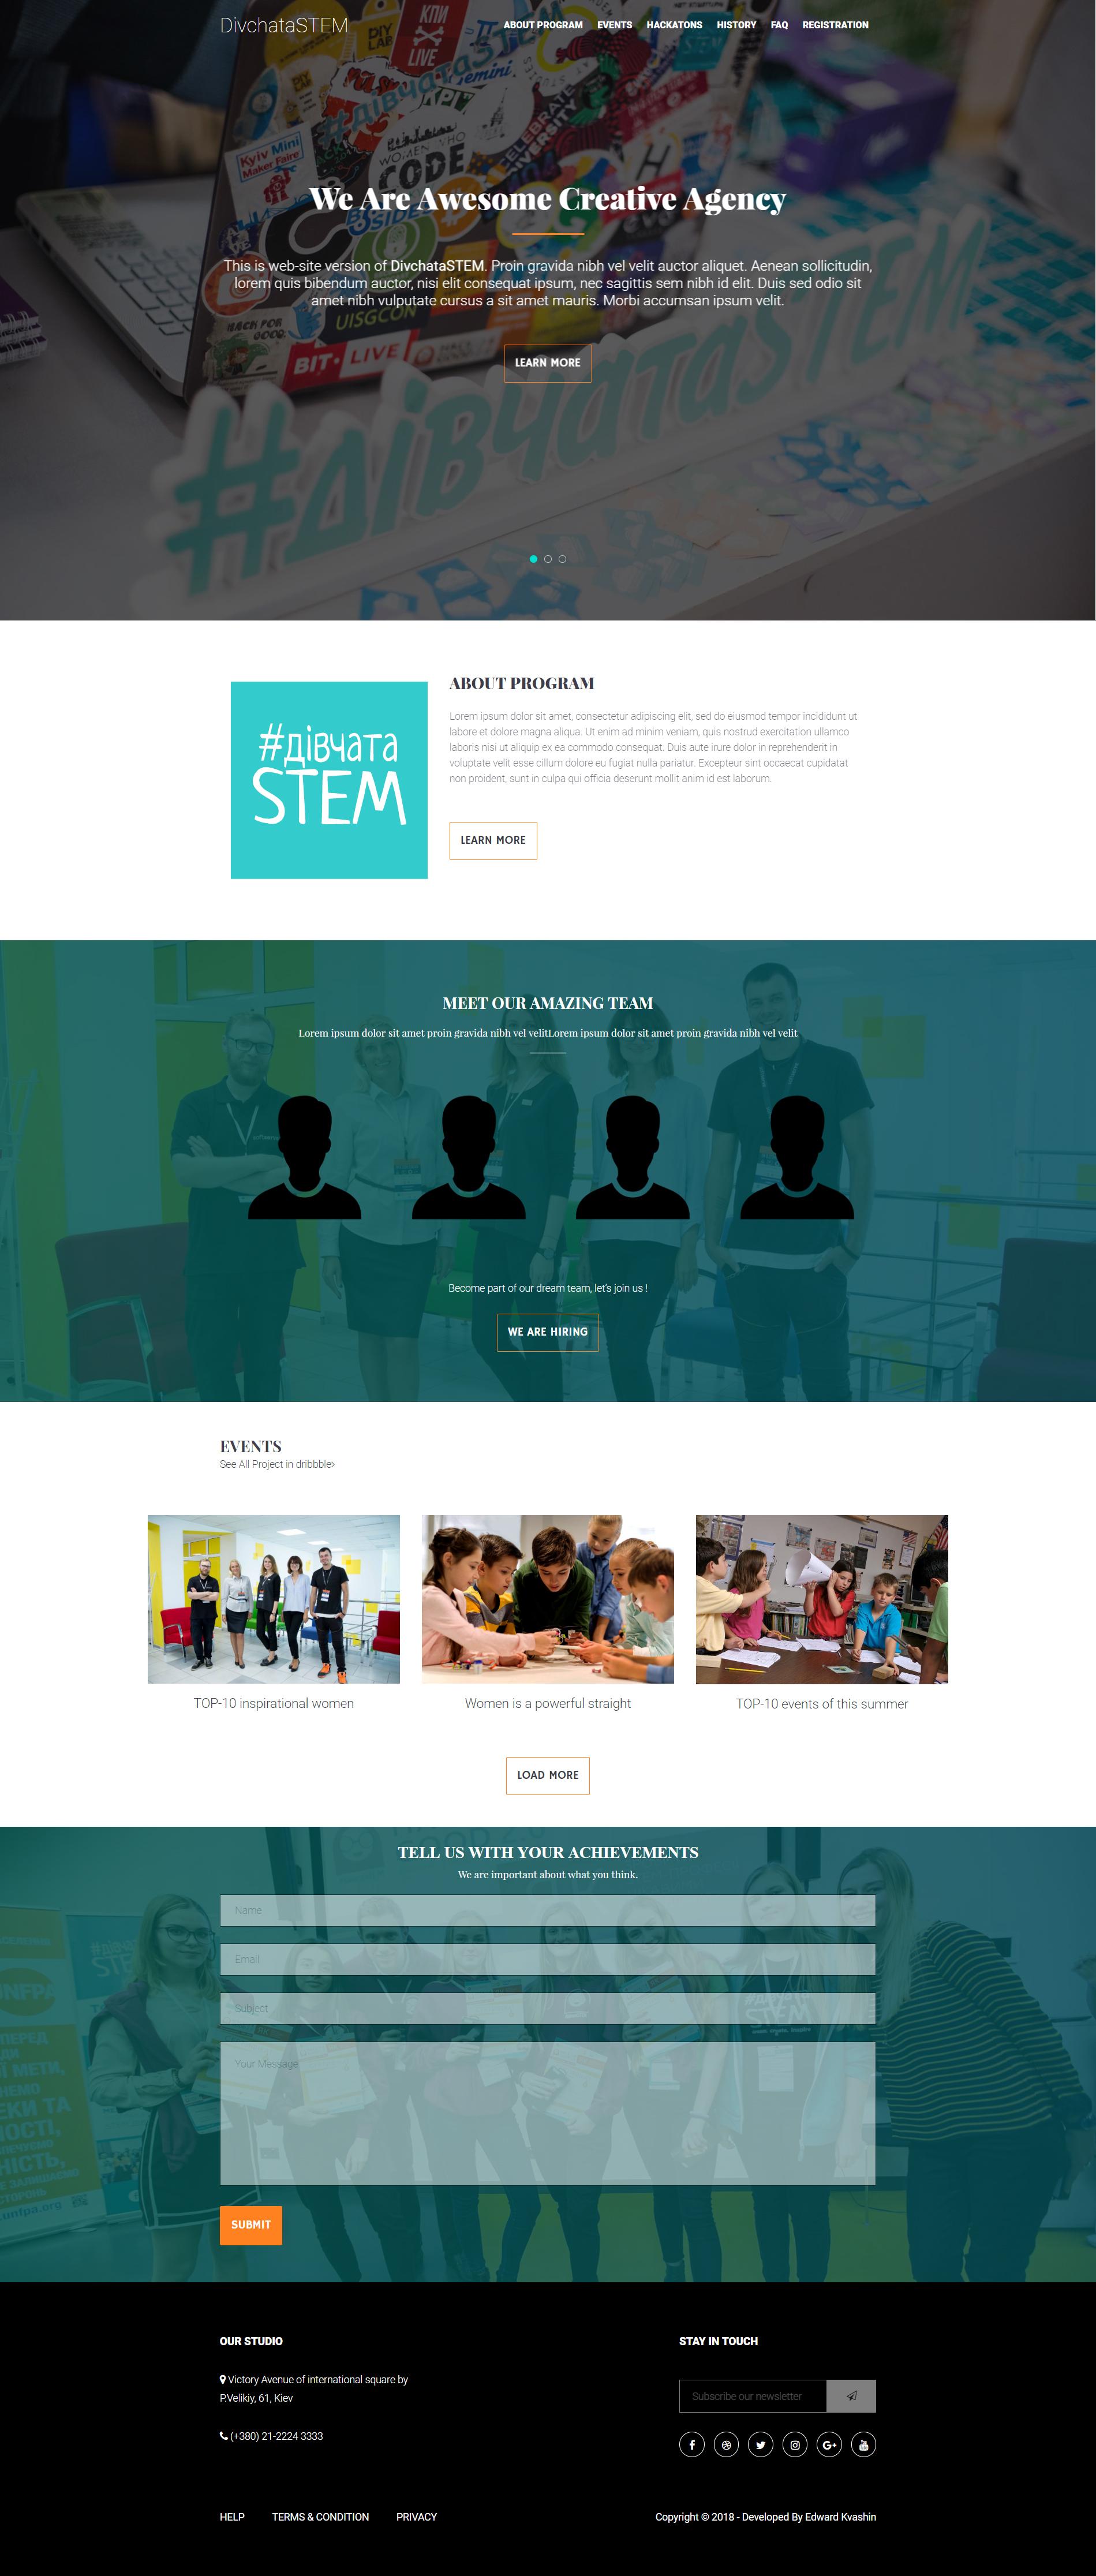 Фото Corporative Page | DivchataSTEM Задание: Разработать дизайн веб-сайта организации. Исполнение: предоставлено 6 макетов, по итогам которого был выбран один избранный, доработка деталей в макете. Затрачено времени: 4 дня на разработку дизайна и утверждения заказчиком.